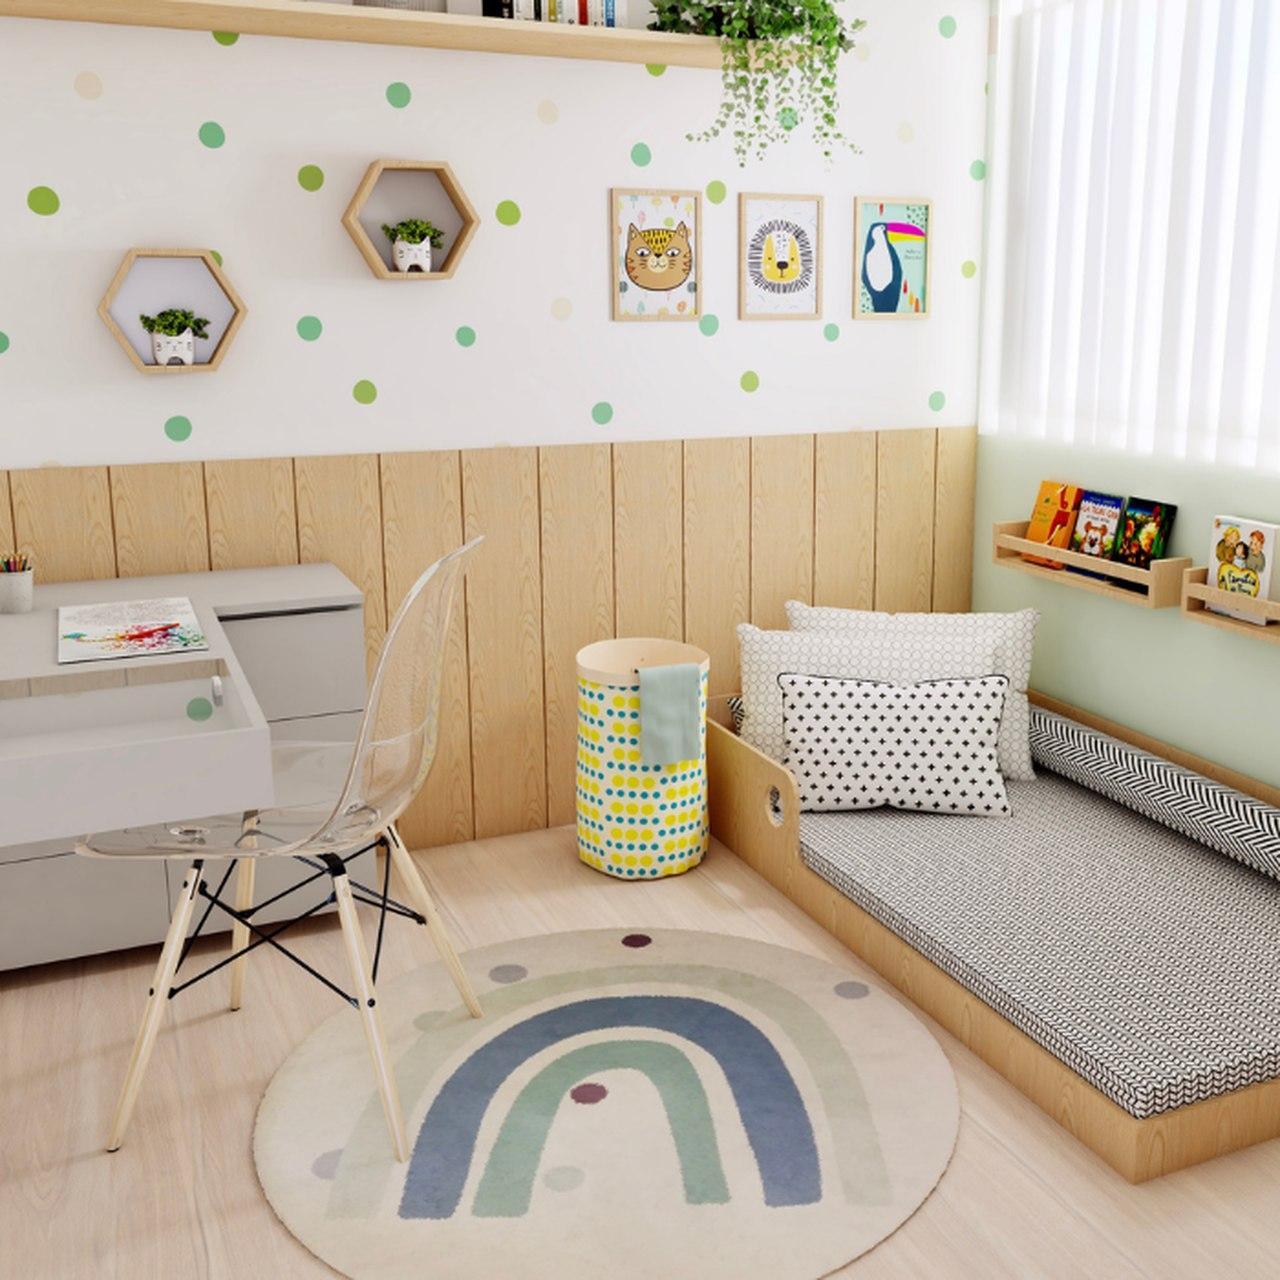 Tapete redondo quarto infantil estampa Arco íris azul  - Pomelo Decor